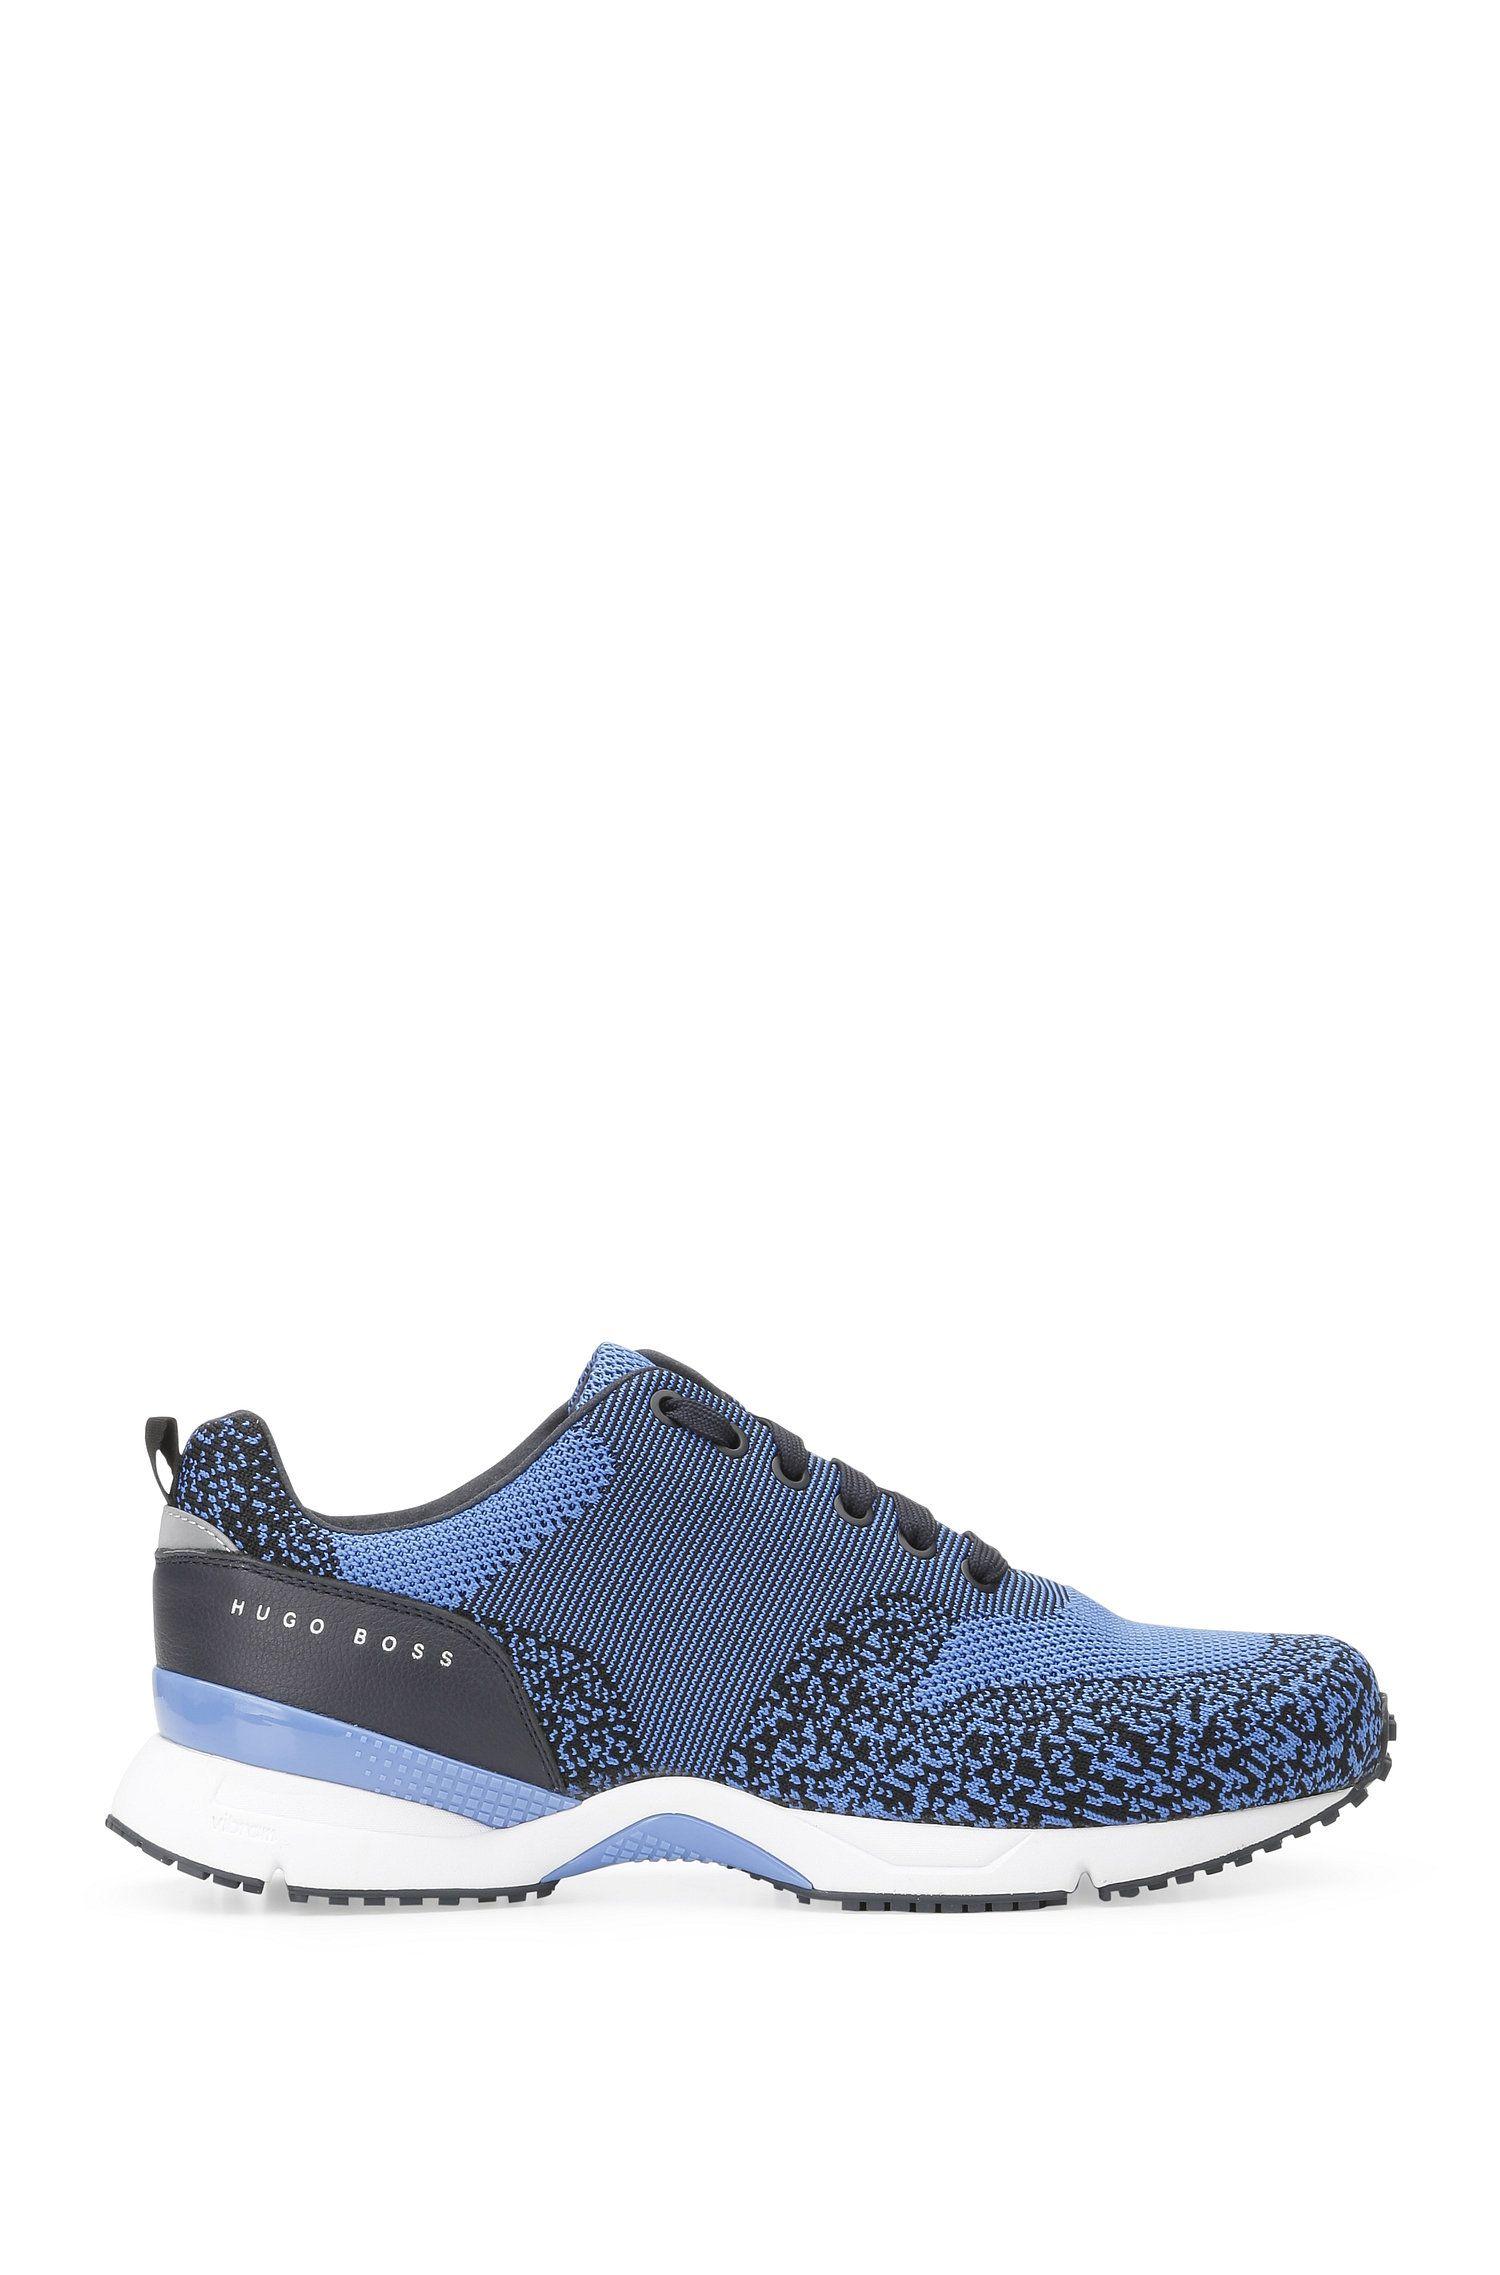 Sneakers met gebreide textiel en leer: 'Velocity_Runn_sykn'